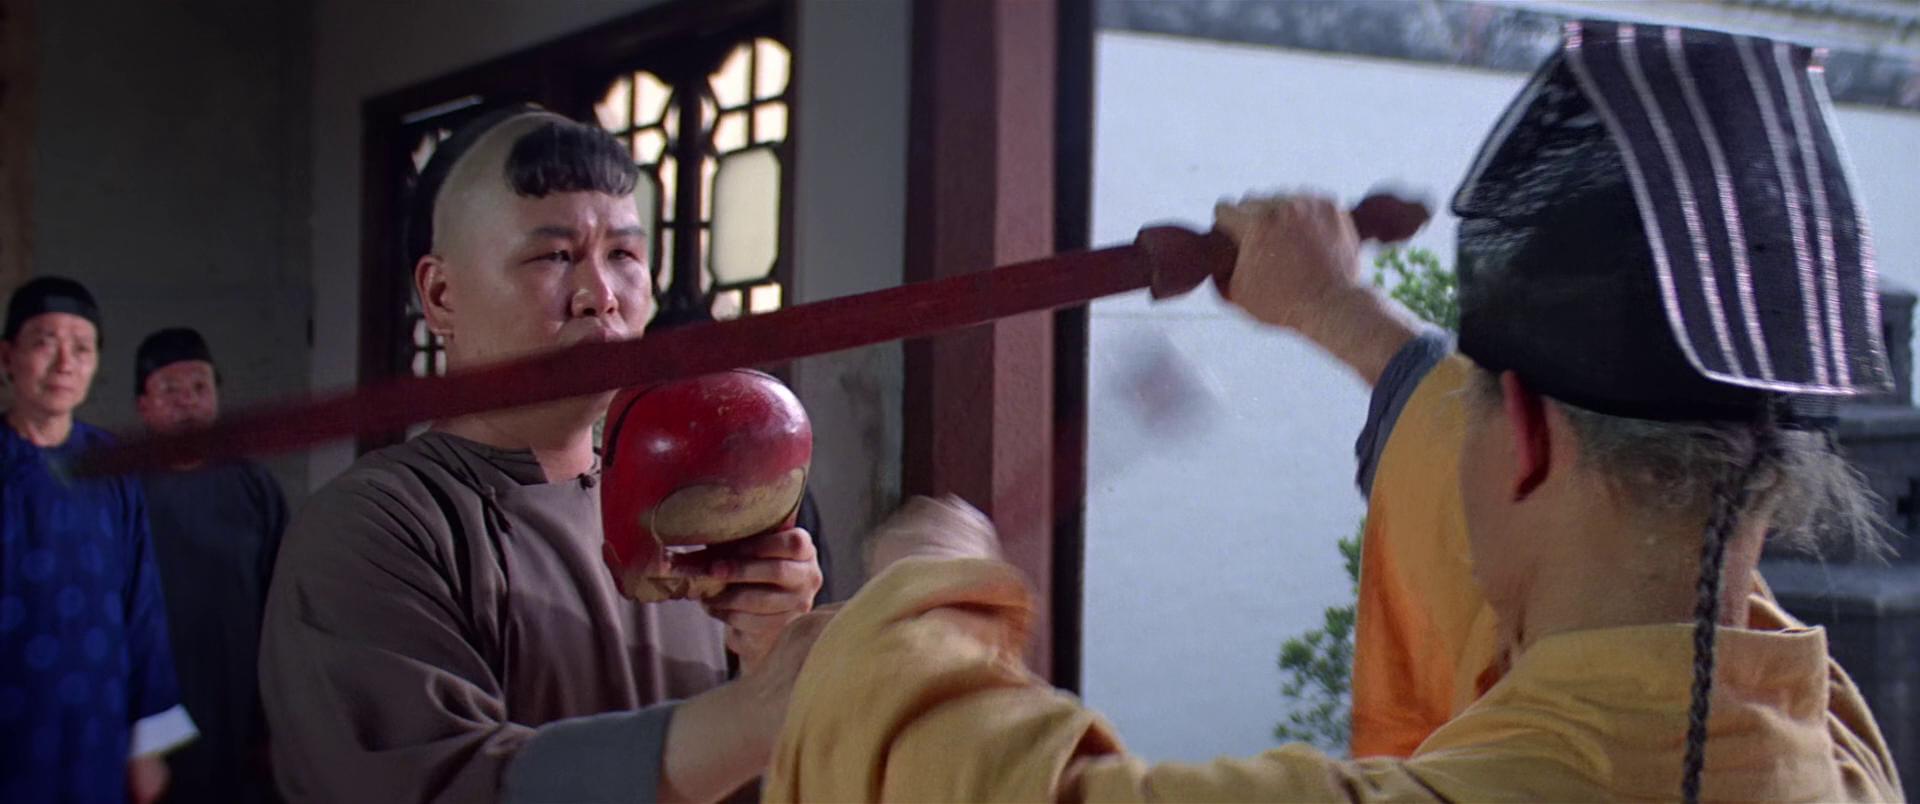 悠悠MP4_MP4电影下载_人嚇人 The.Dead.And.The.Deadly.1982.CHINESE.1080p.BluRay.x264.DD2.0-CHD 7.71GB